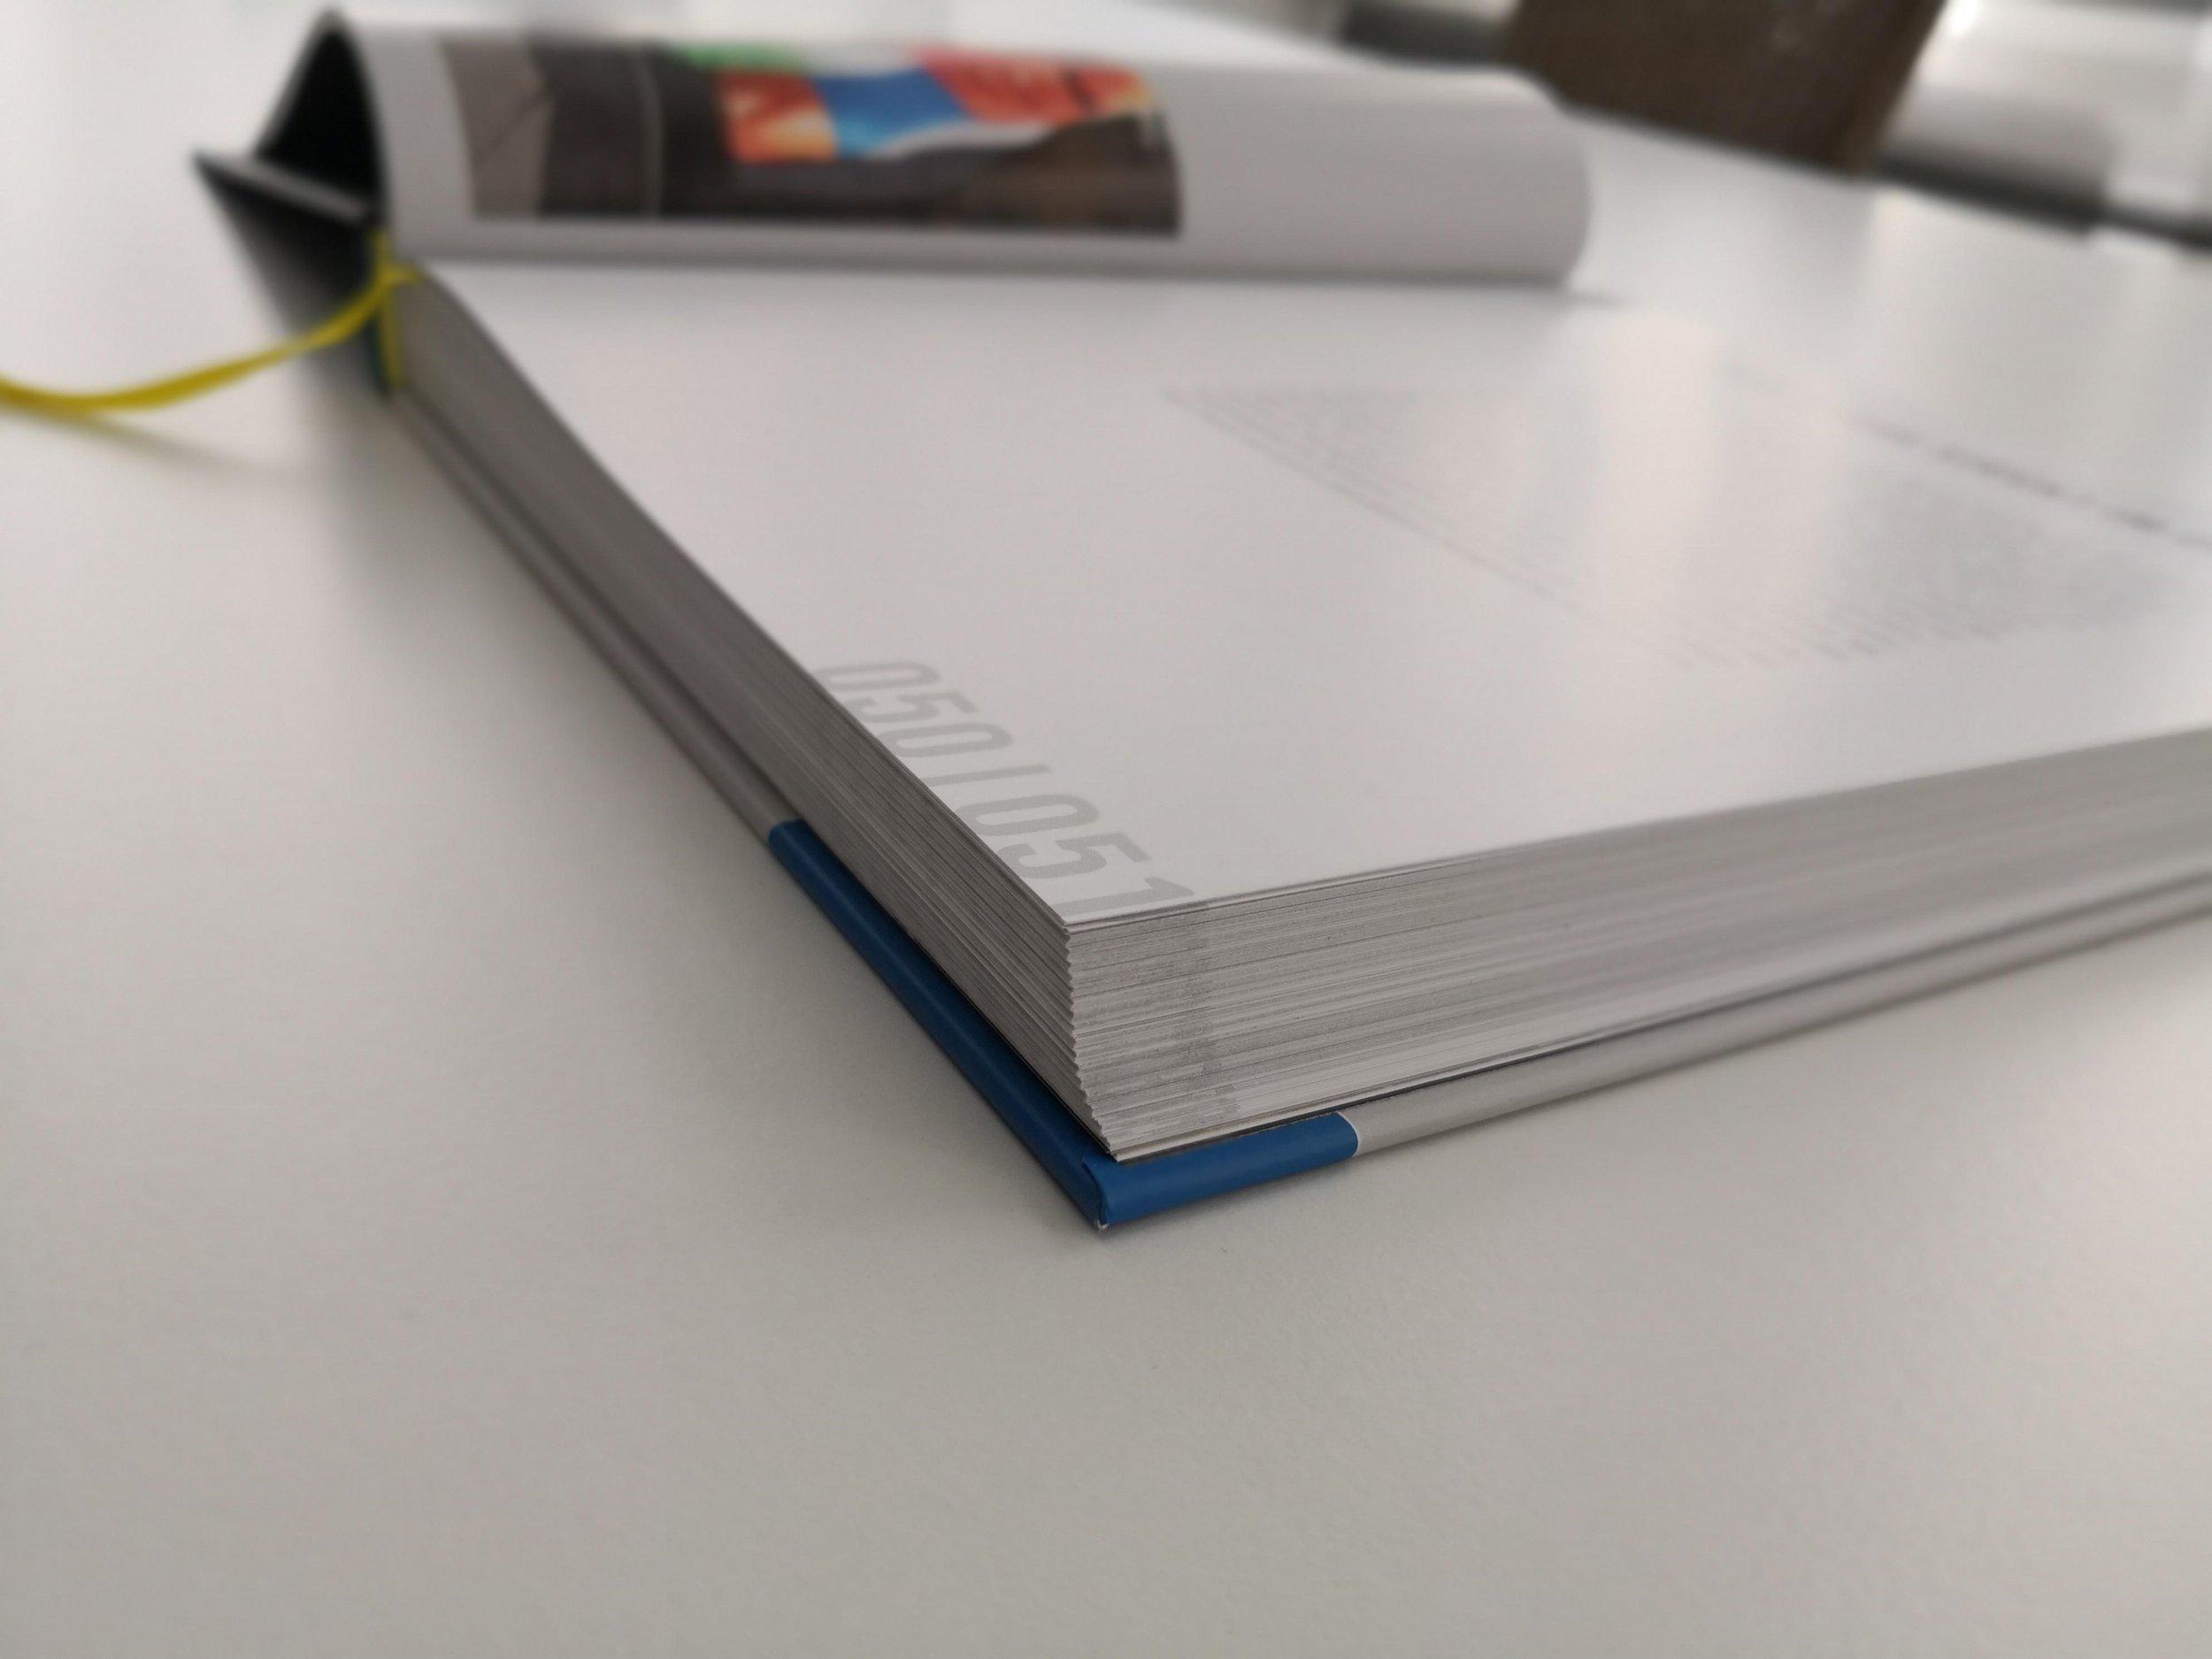 Auf knapp über 300 Seiten kommt das Buch. Es sind wirklich viele Bilder geworden!